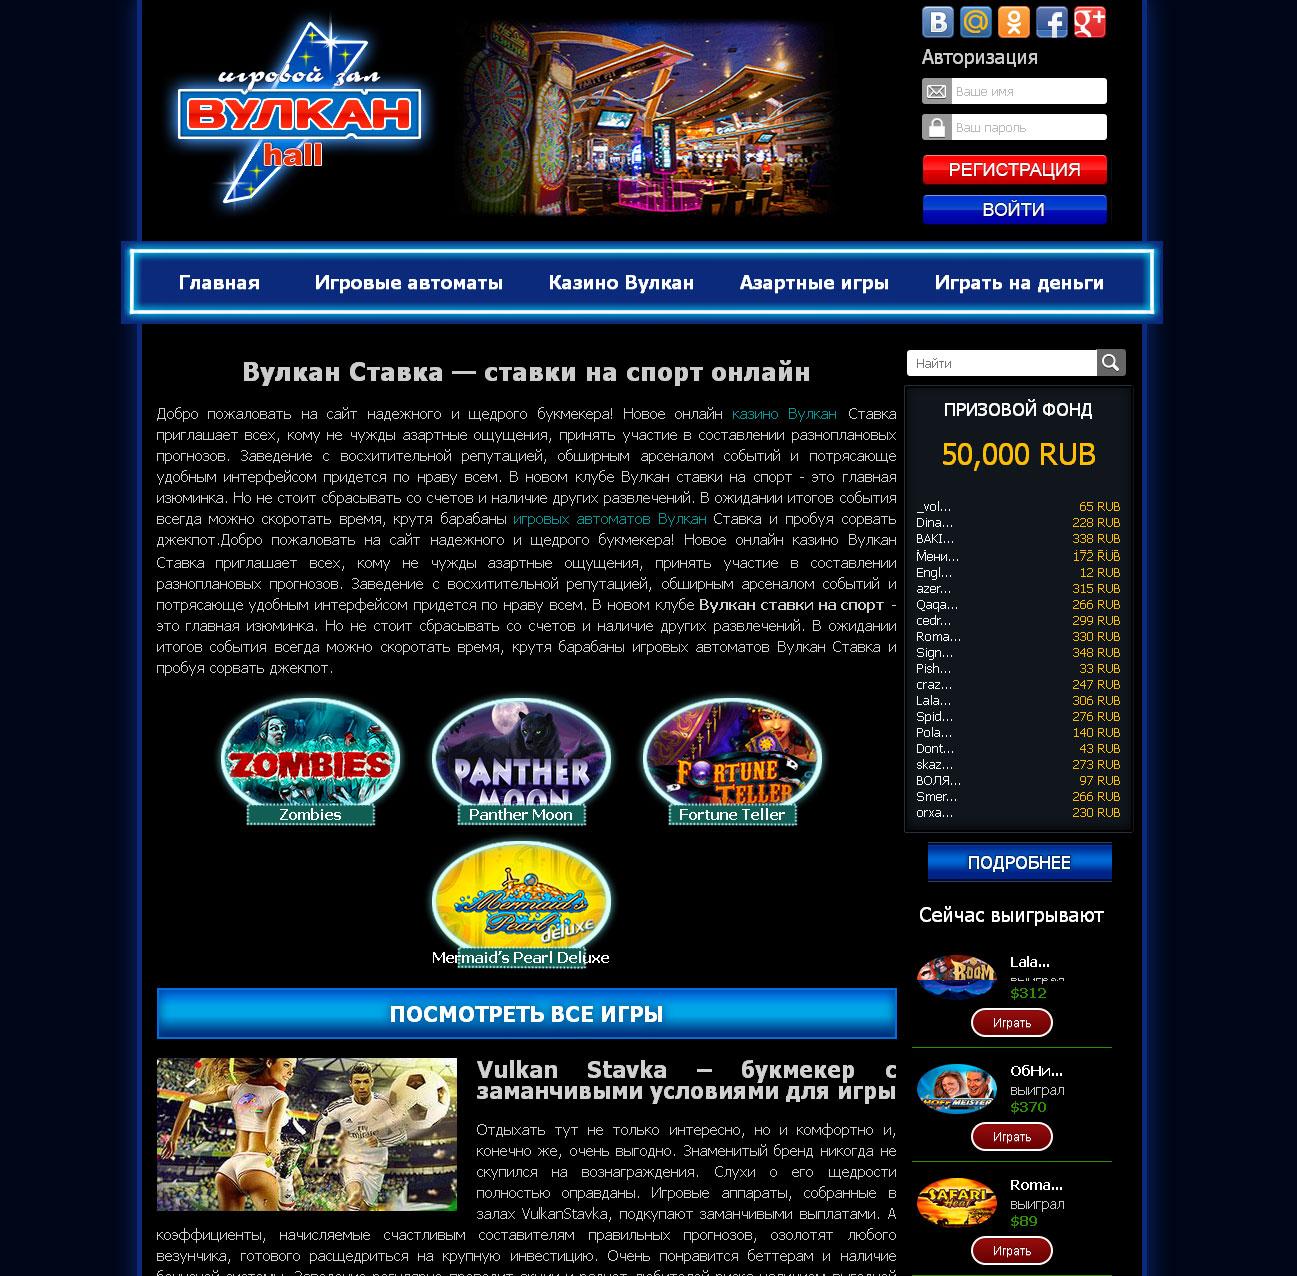 мобильный сайт казино вулкан